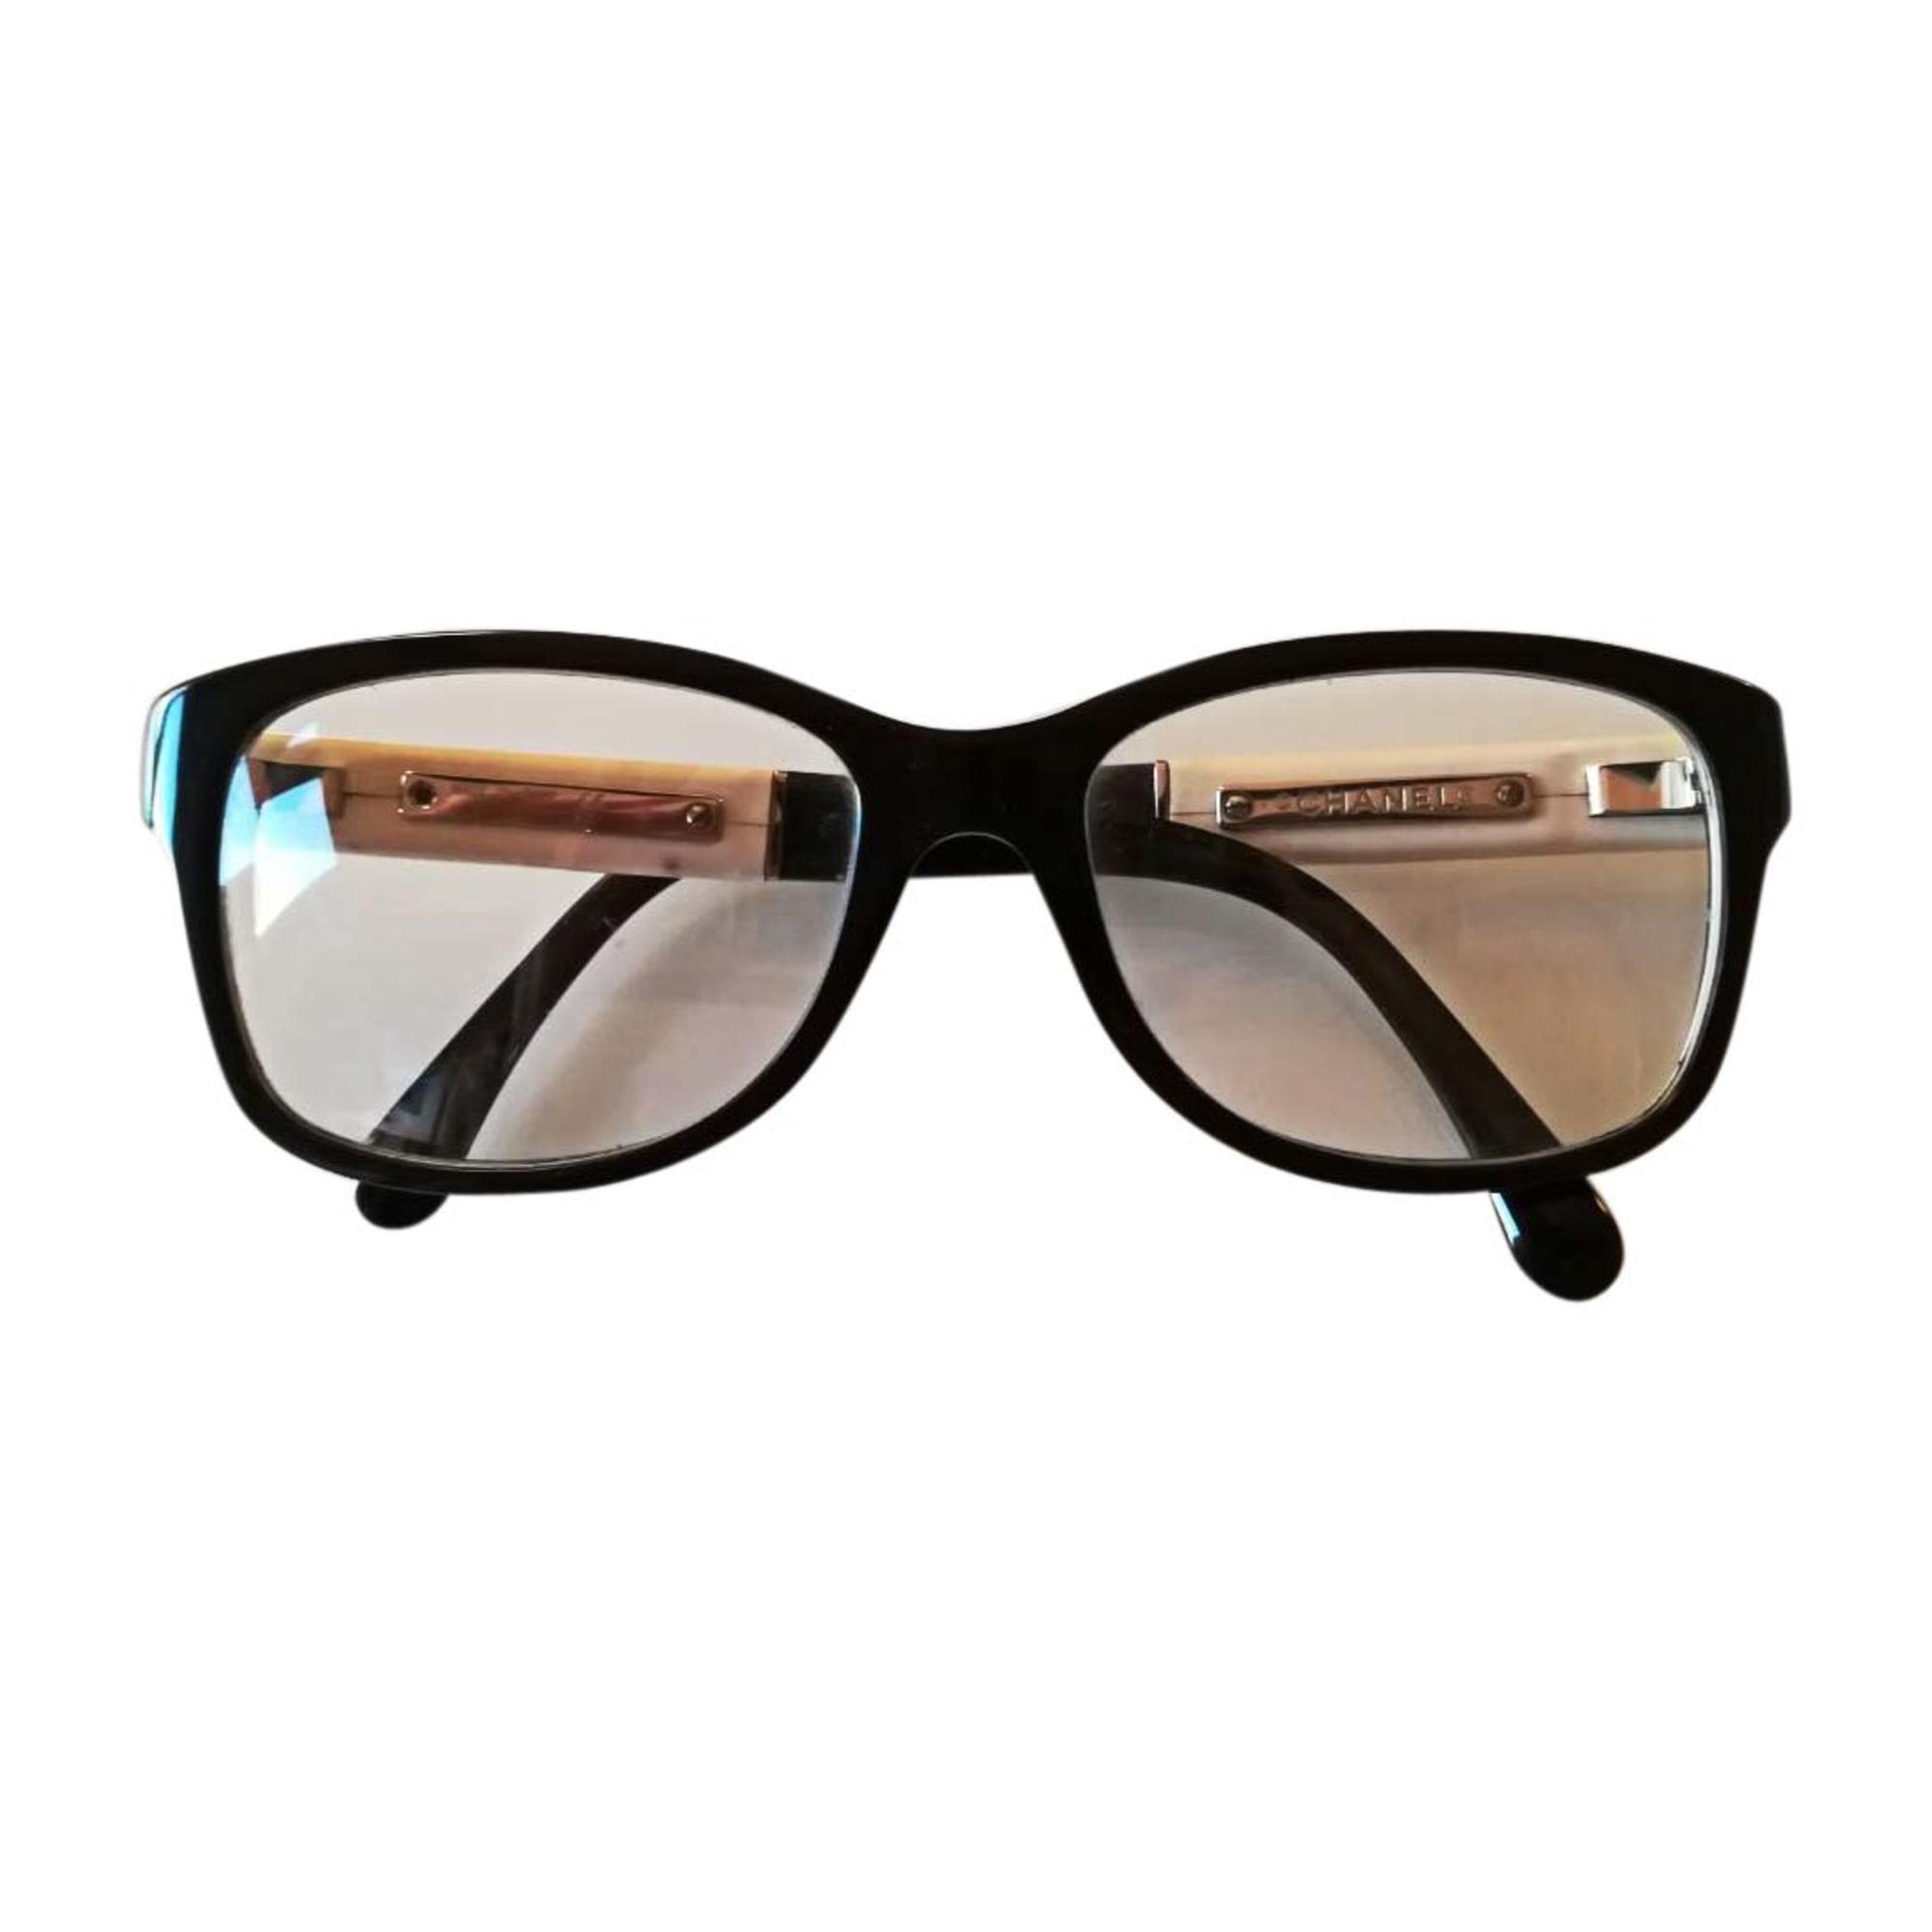 de65129dcca390 Monture de lunettes CHANEL noir - 7293273